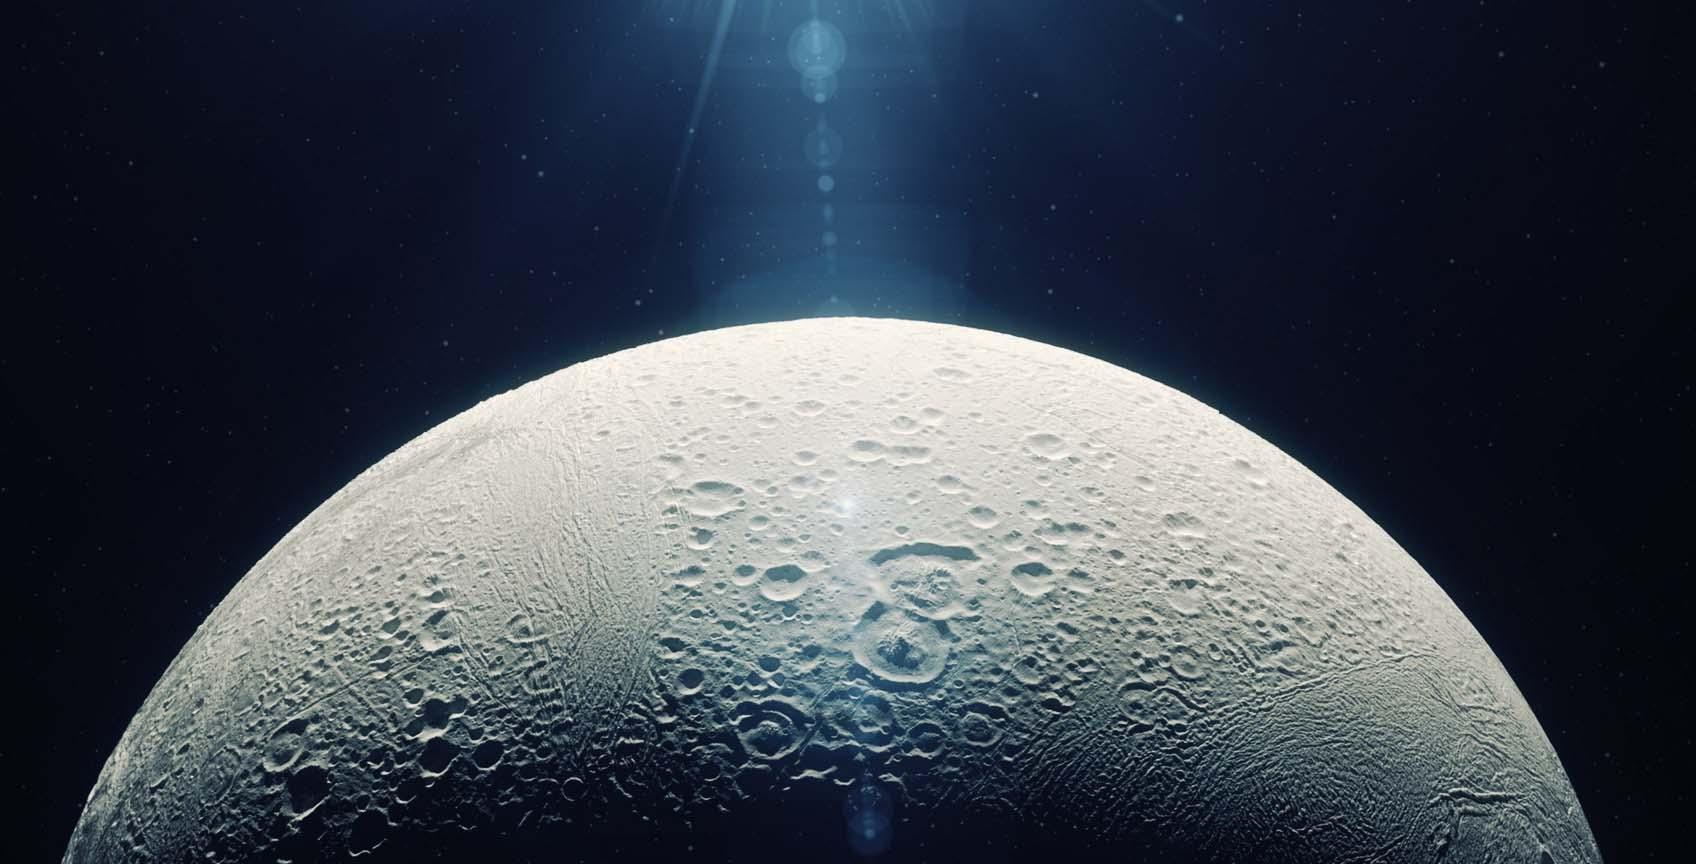 Muchas son las agencias espaciales que estarían planificando enviar personas al satélite terrestre por investigación o turismo